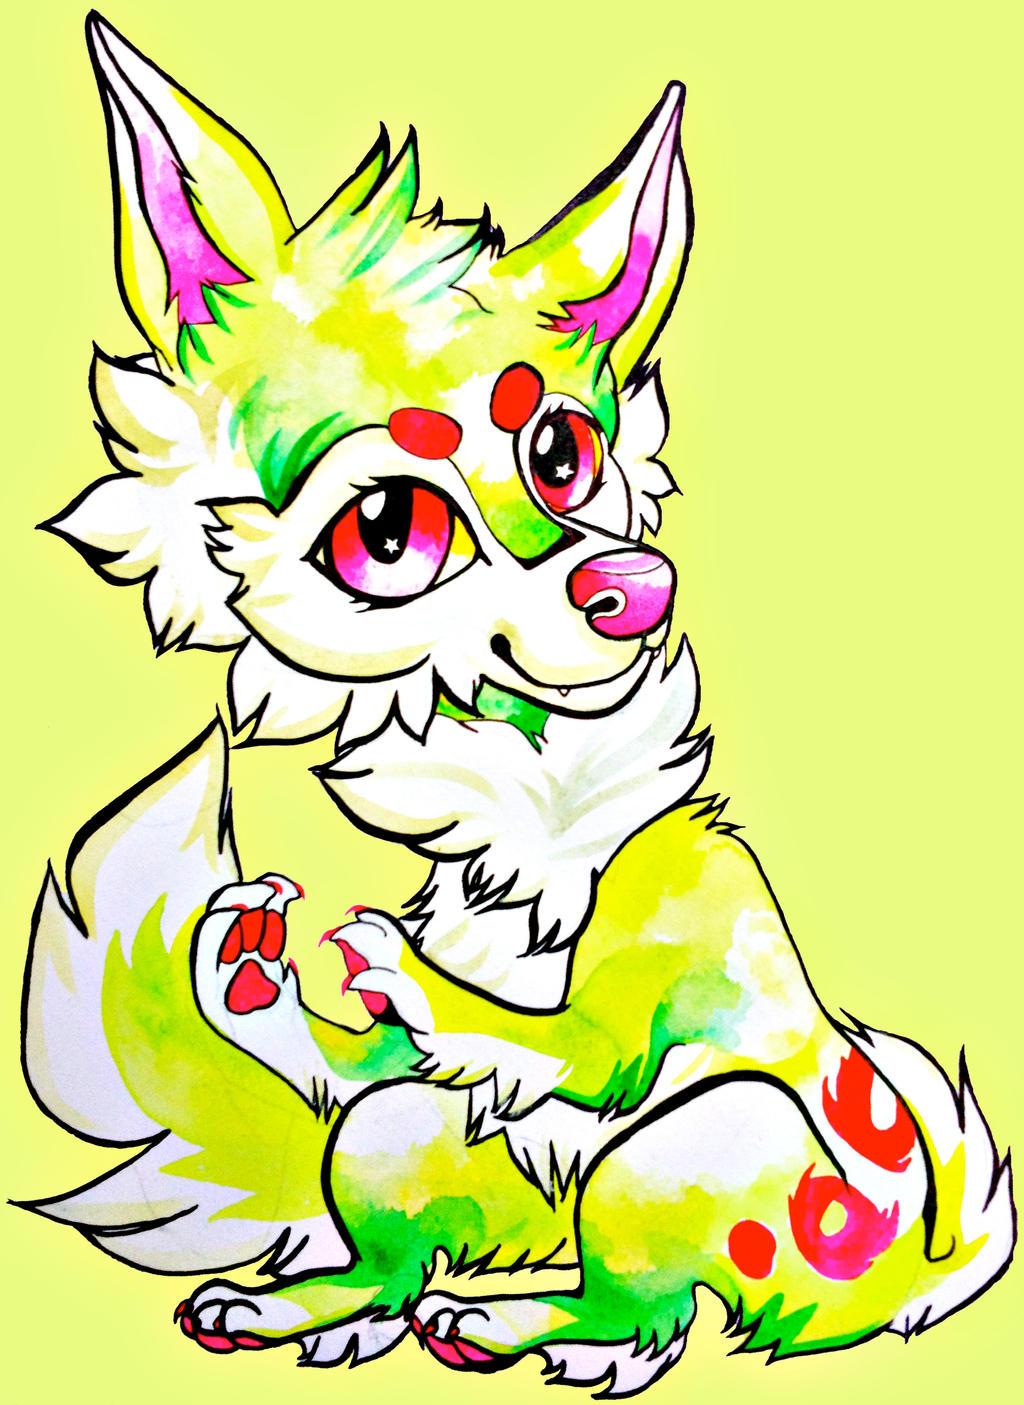 Falvie (Watercolour Chibi) by ClaraBacou